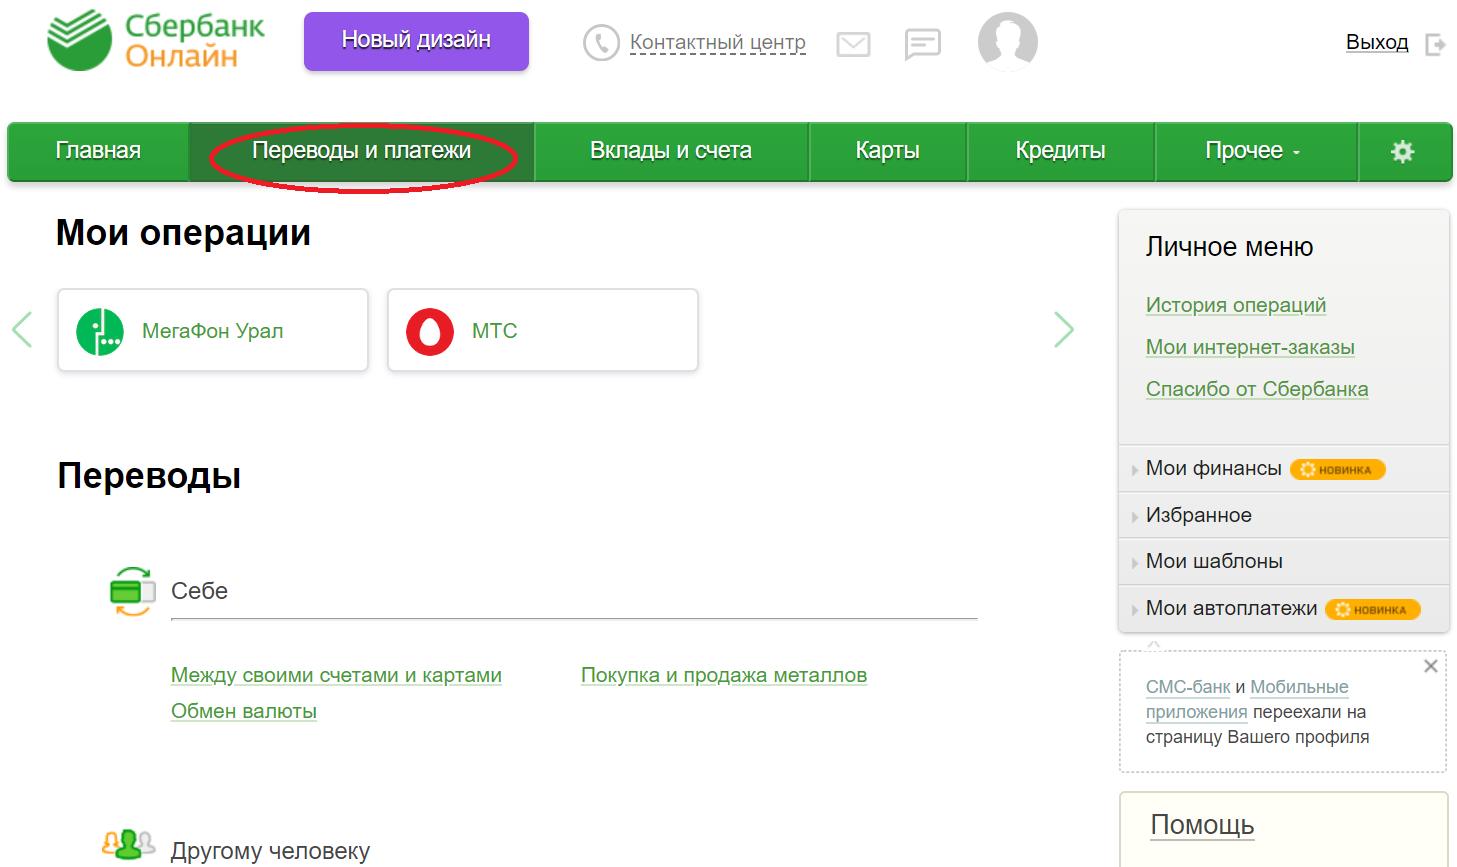 Оплата жкх через Сбербанк gkh-tarif.ru